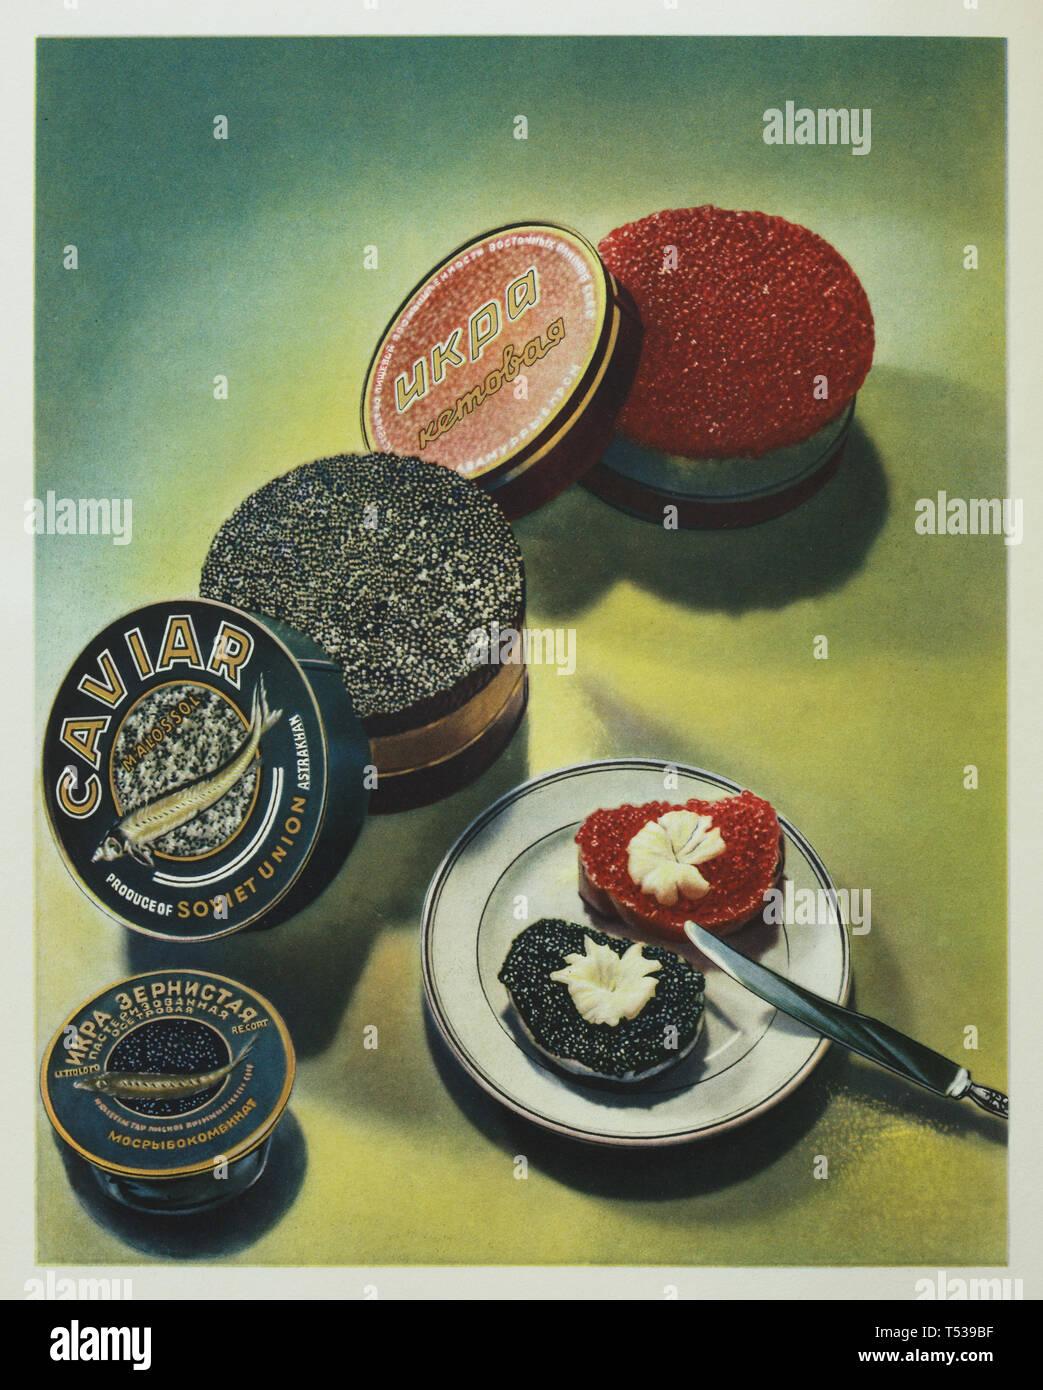 Le saumon keta soviétique caviar rouge et sturgeon caviar noir représenté dans l'illustration en couleur dans le livre de cuisine saine et savoureuse publié dans l'Union soviétique (1953). Banque D'Images